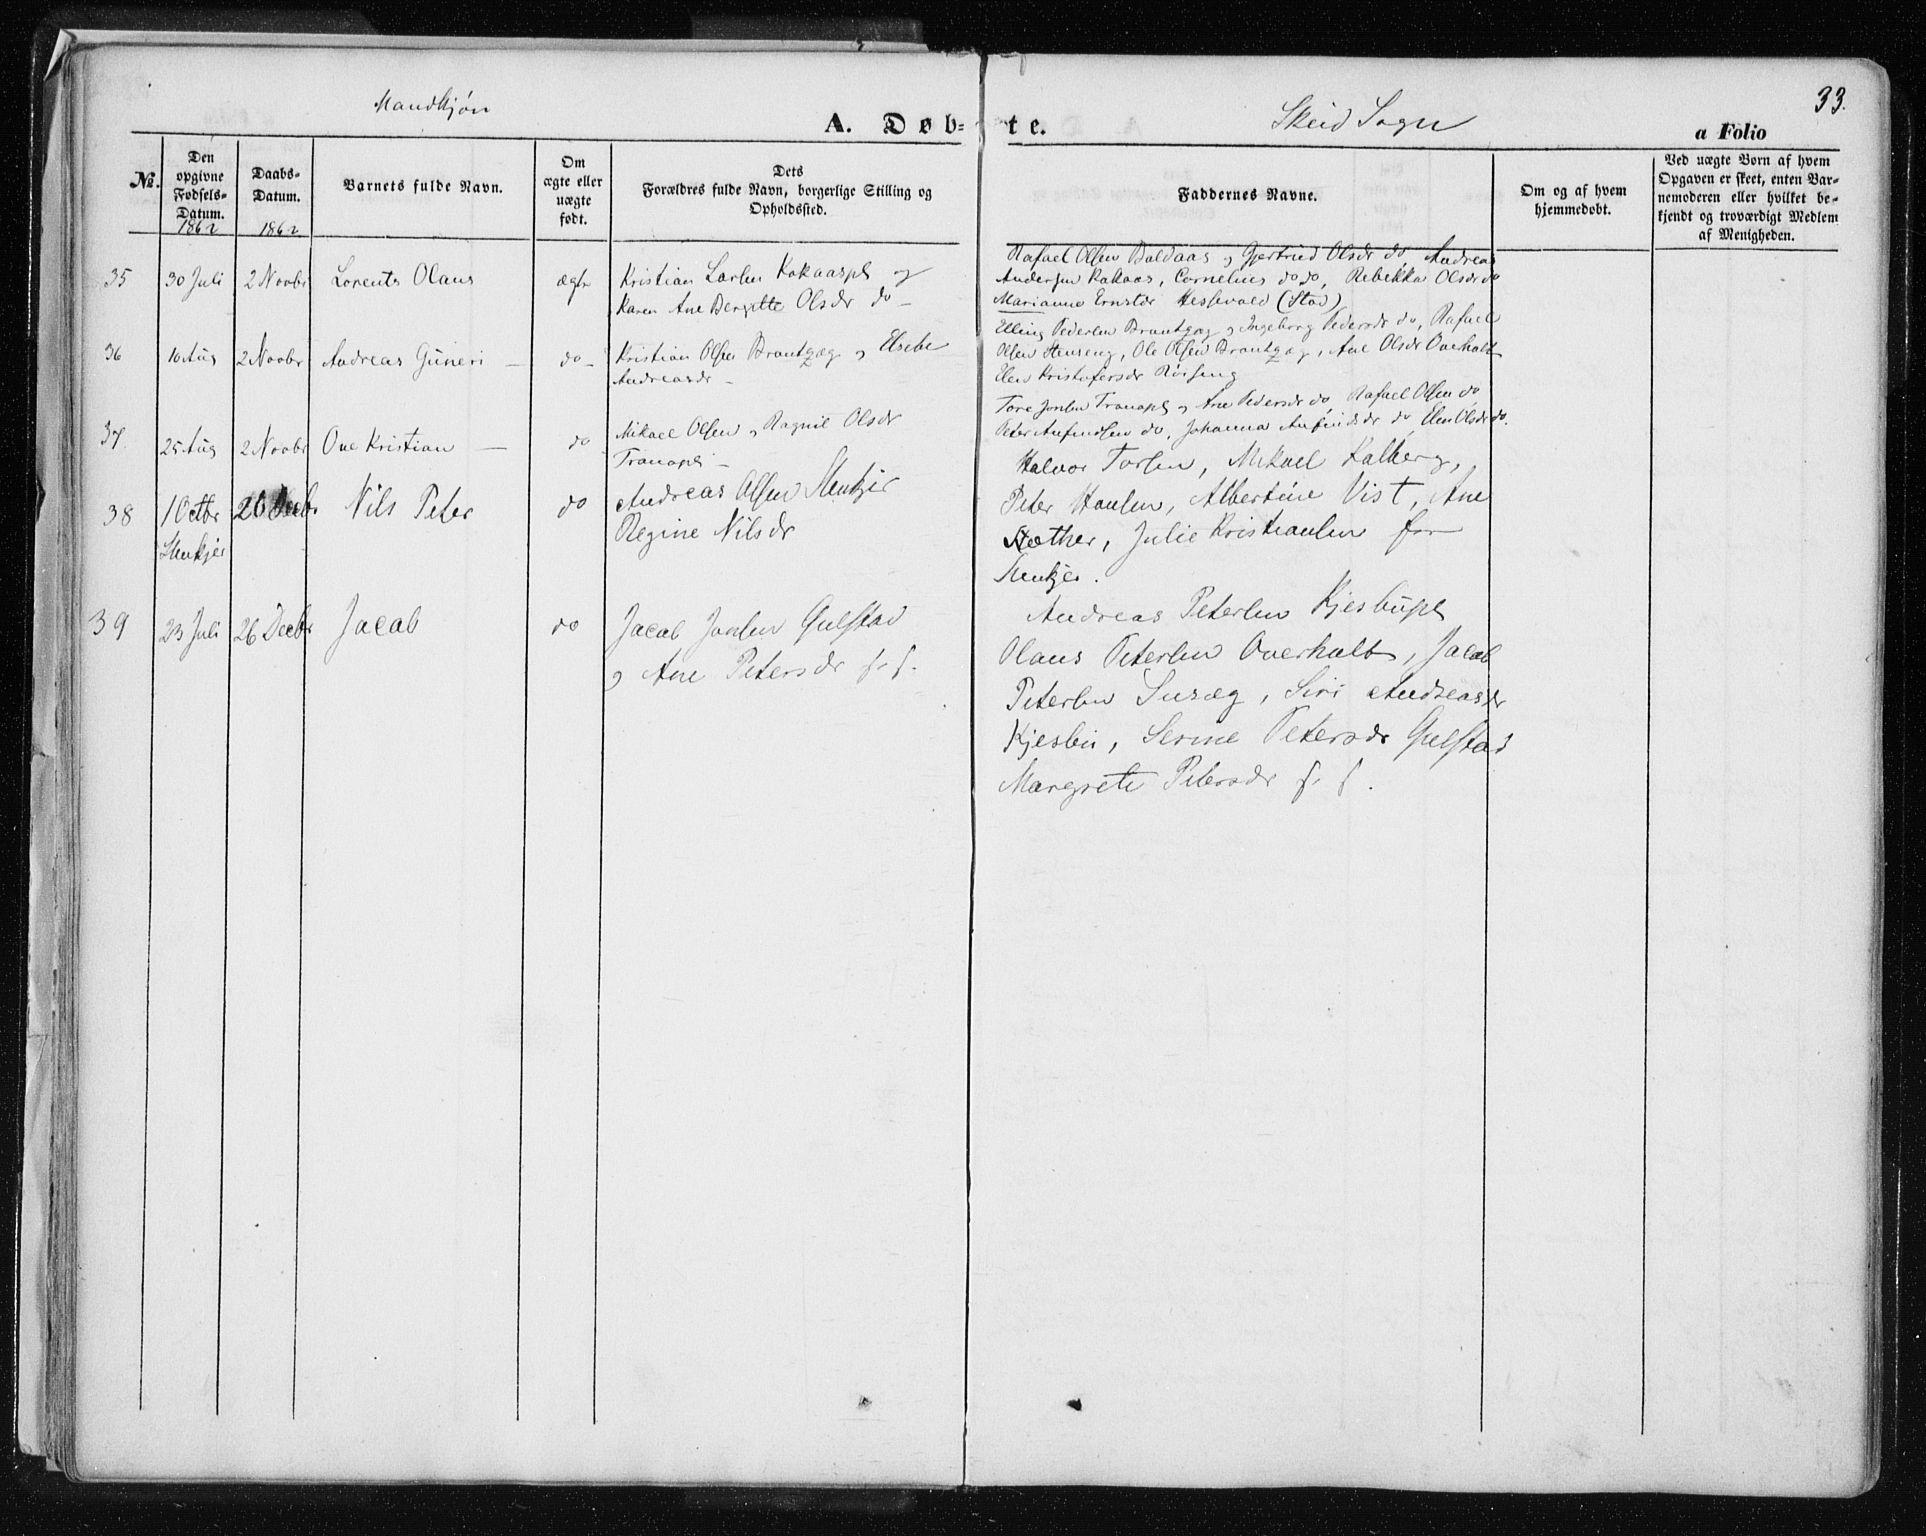 SAT, Ministerialprotokoller, klokkerbøker og fødselsregistre - Nord-Trøndelag, 735/L0342: Ministerialbok nr. 735A07 /2, 1849-1862, s. 33